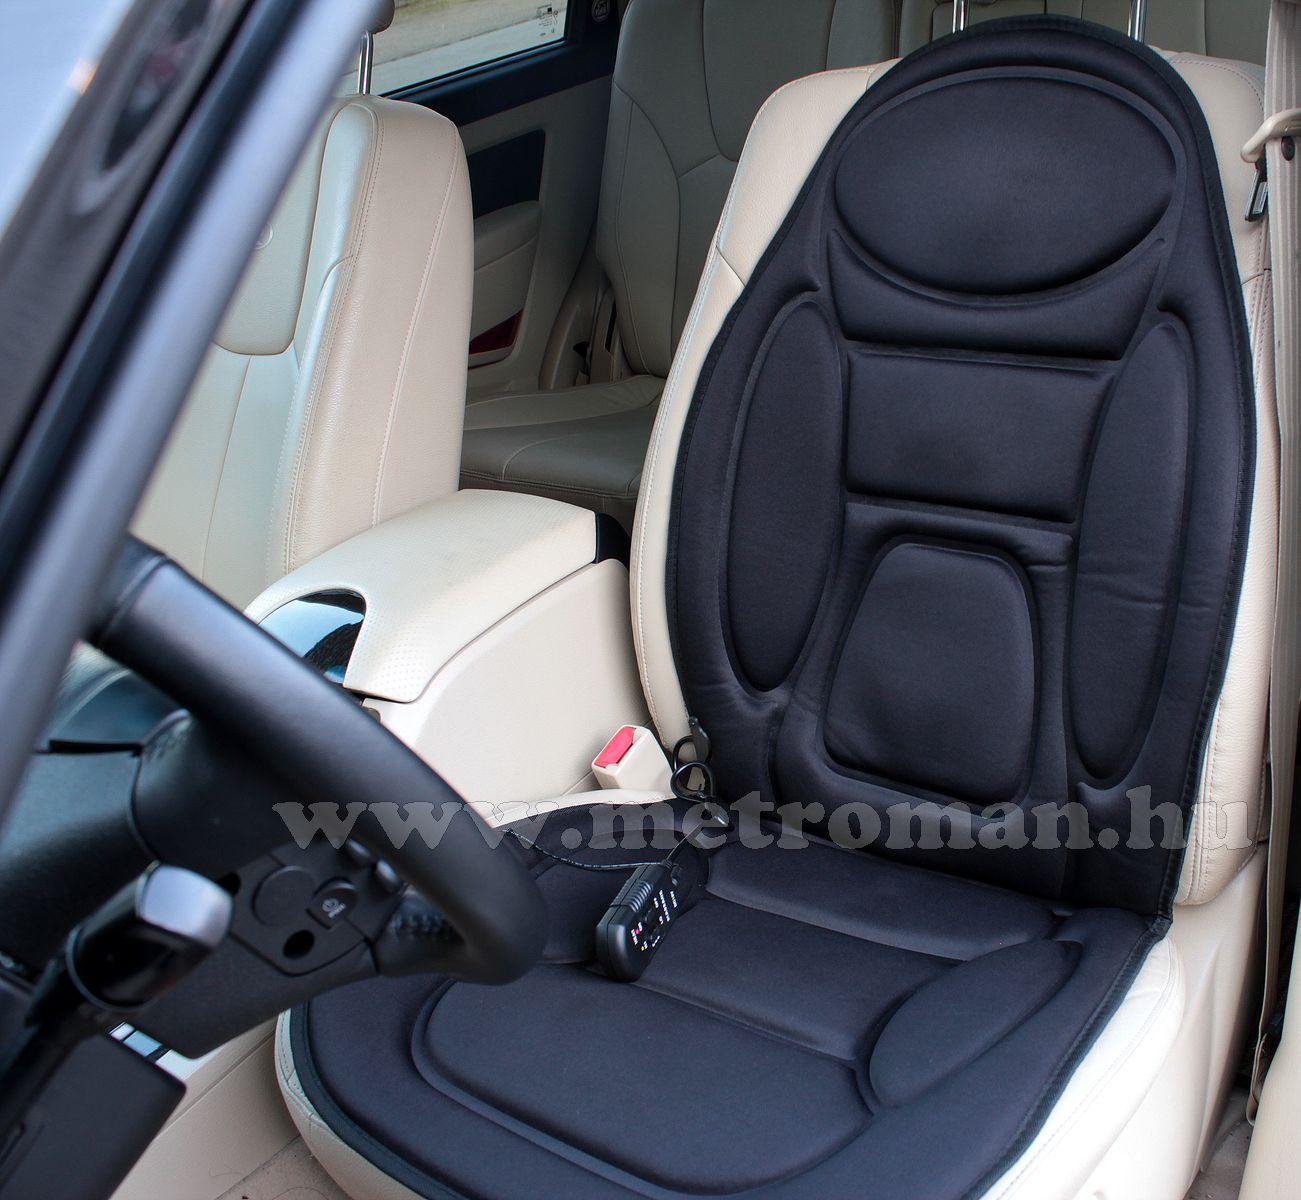 Autós masszázs ülésborító, hátmelegítő funkcióval, Bottari HOT-VIB